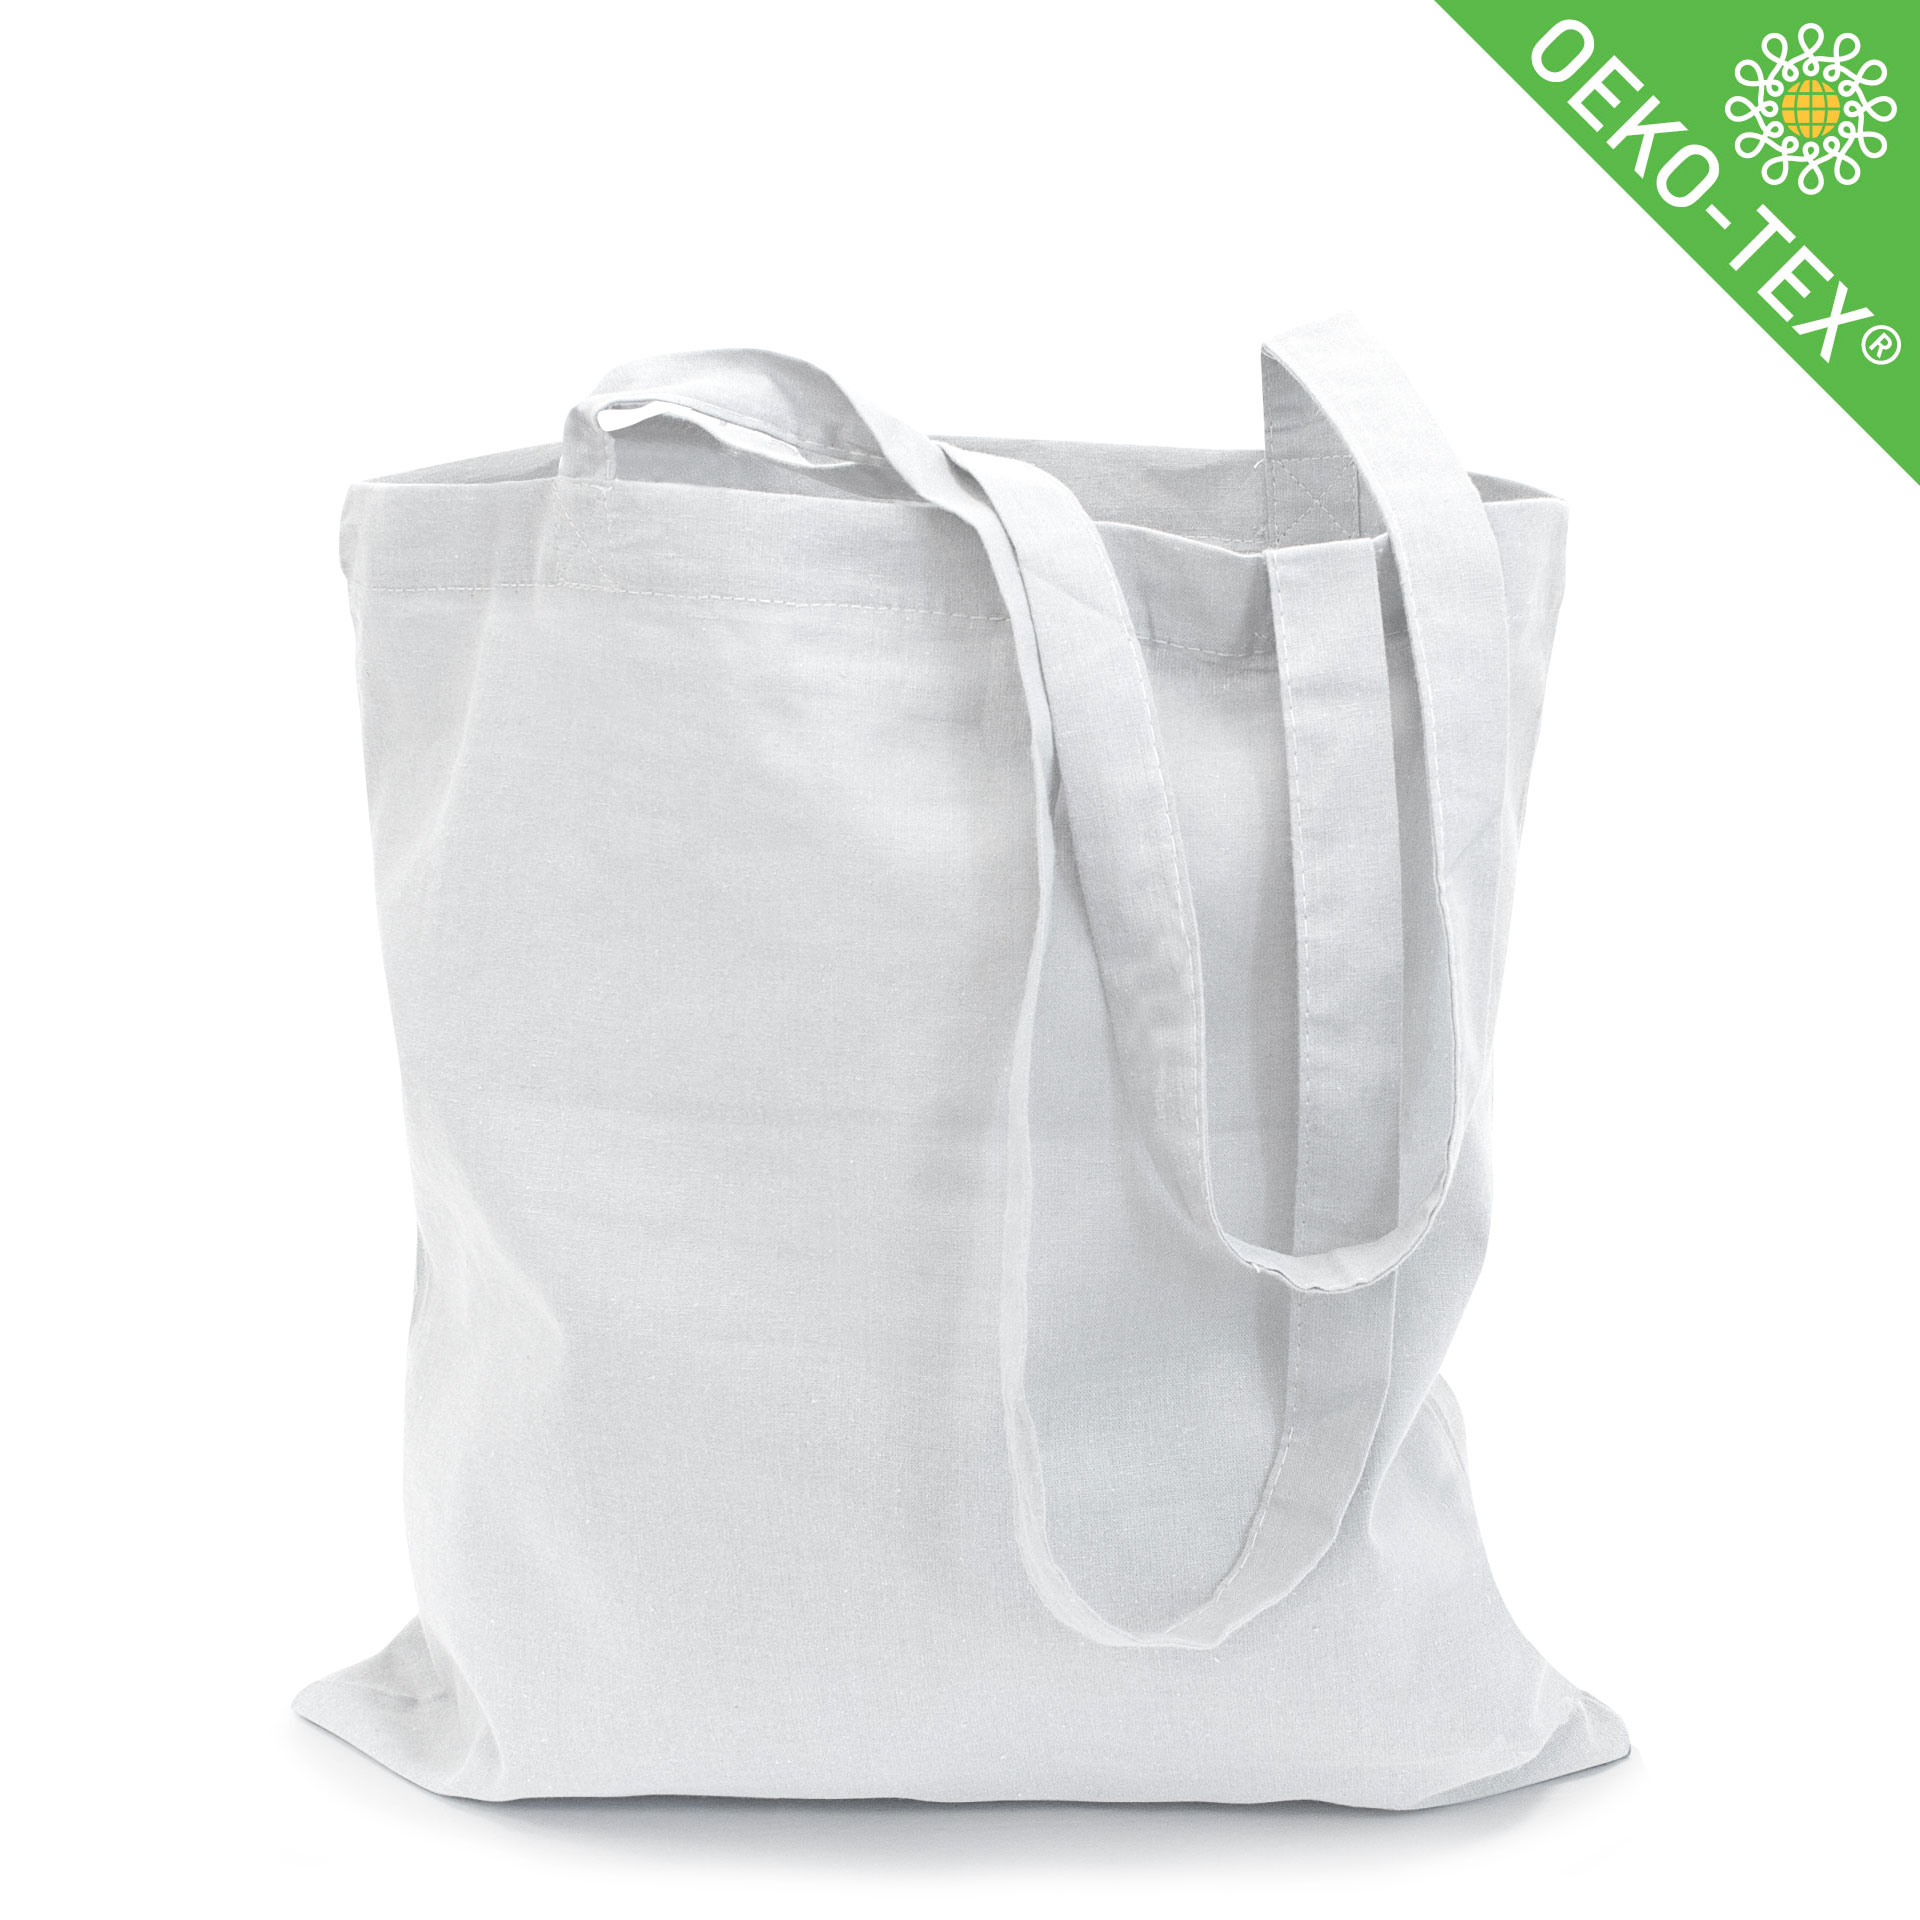 21_Riad_2,Baumwolltasche mit langen Henkeln, Farbe: weiß